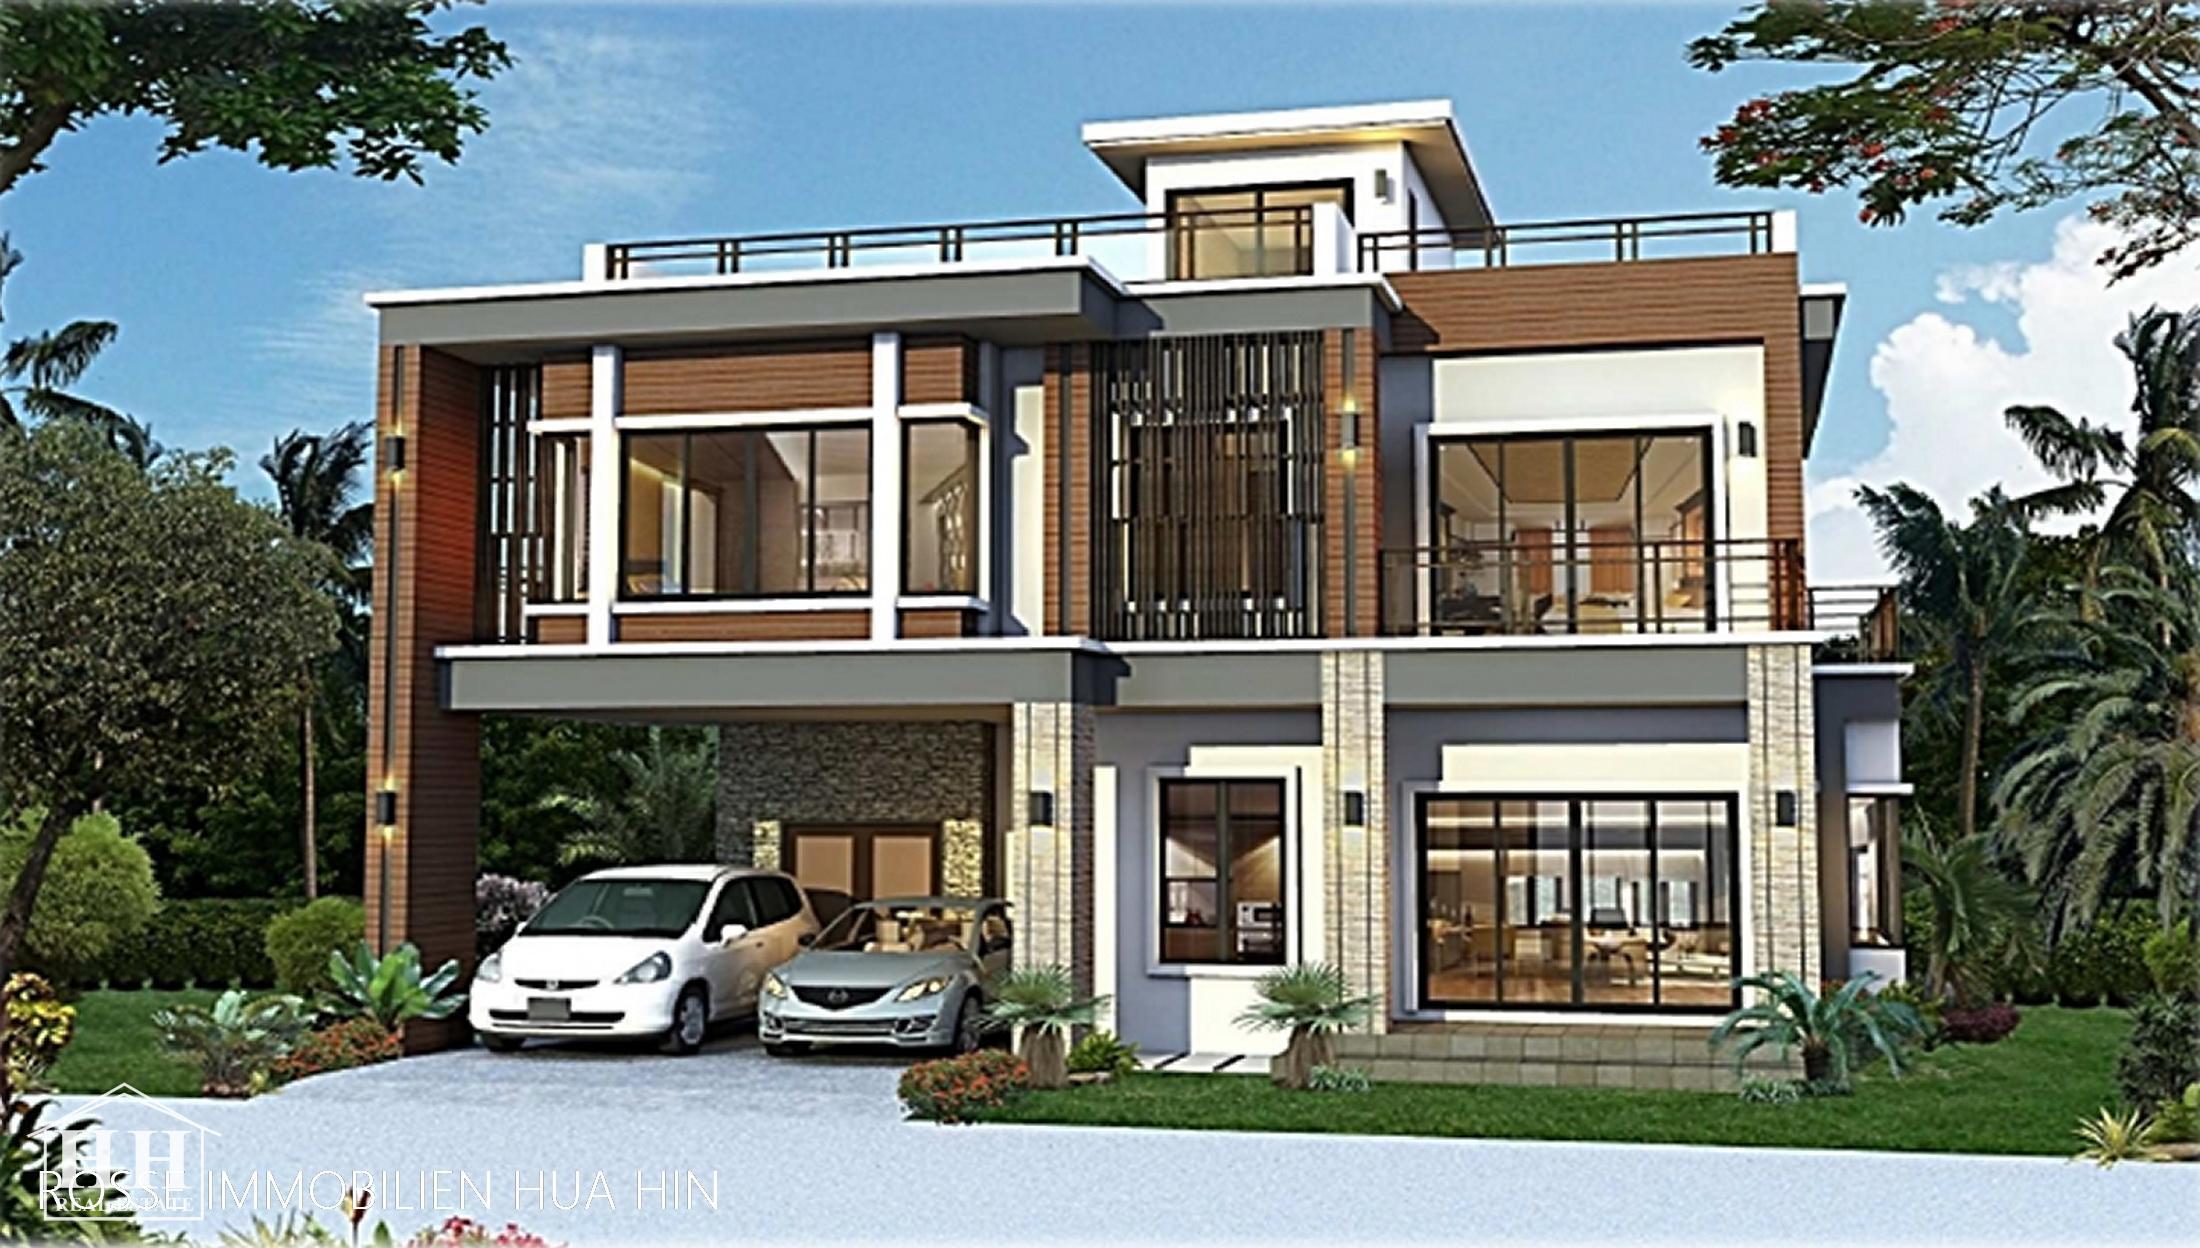 deteach house rosse immobilien. Black Bedroom Furniture Sets. Home Design Ideas